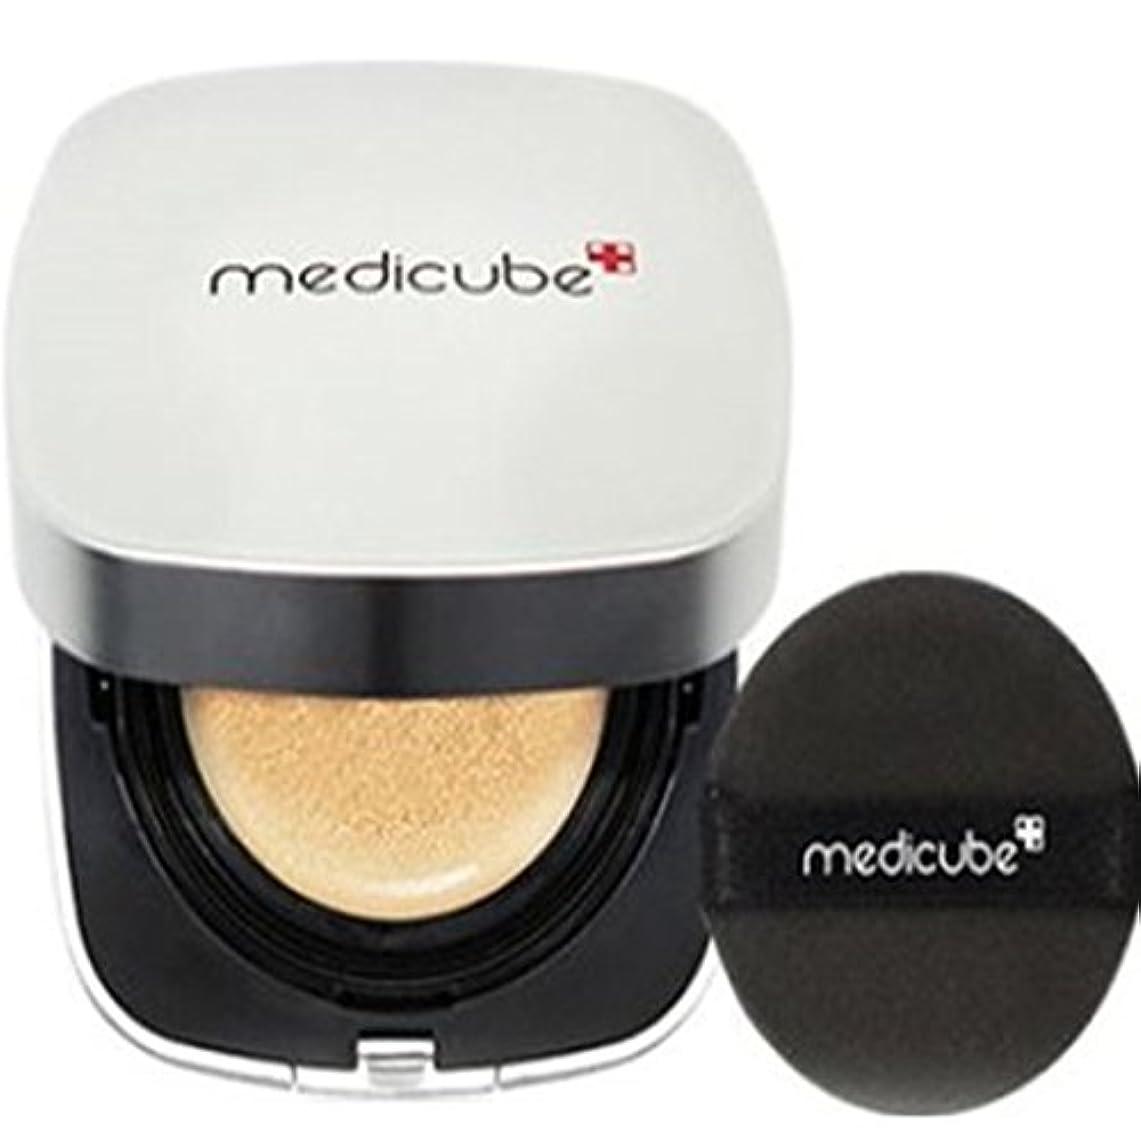 スーツケースシェフマキシム[Medicube メディキューブ] レッドクッション - シェード21号ライトベージュ / Red Cushion - Shade 21 Light Beige [並行輸入品]